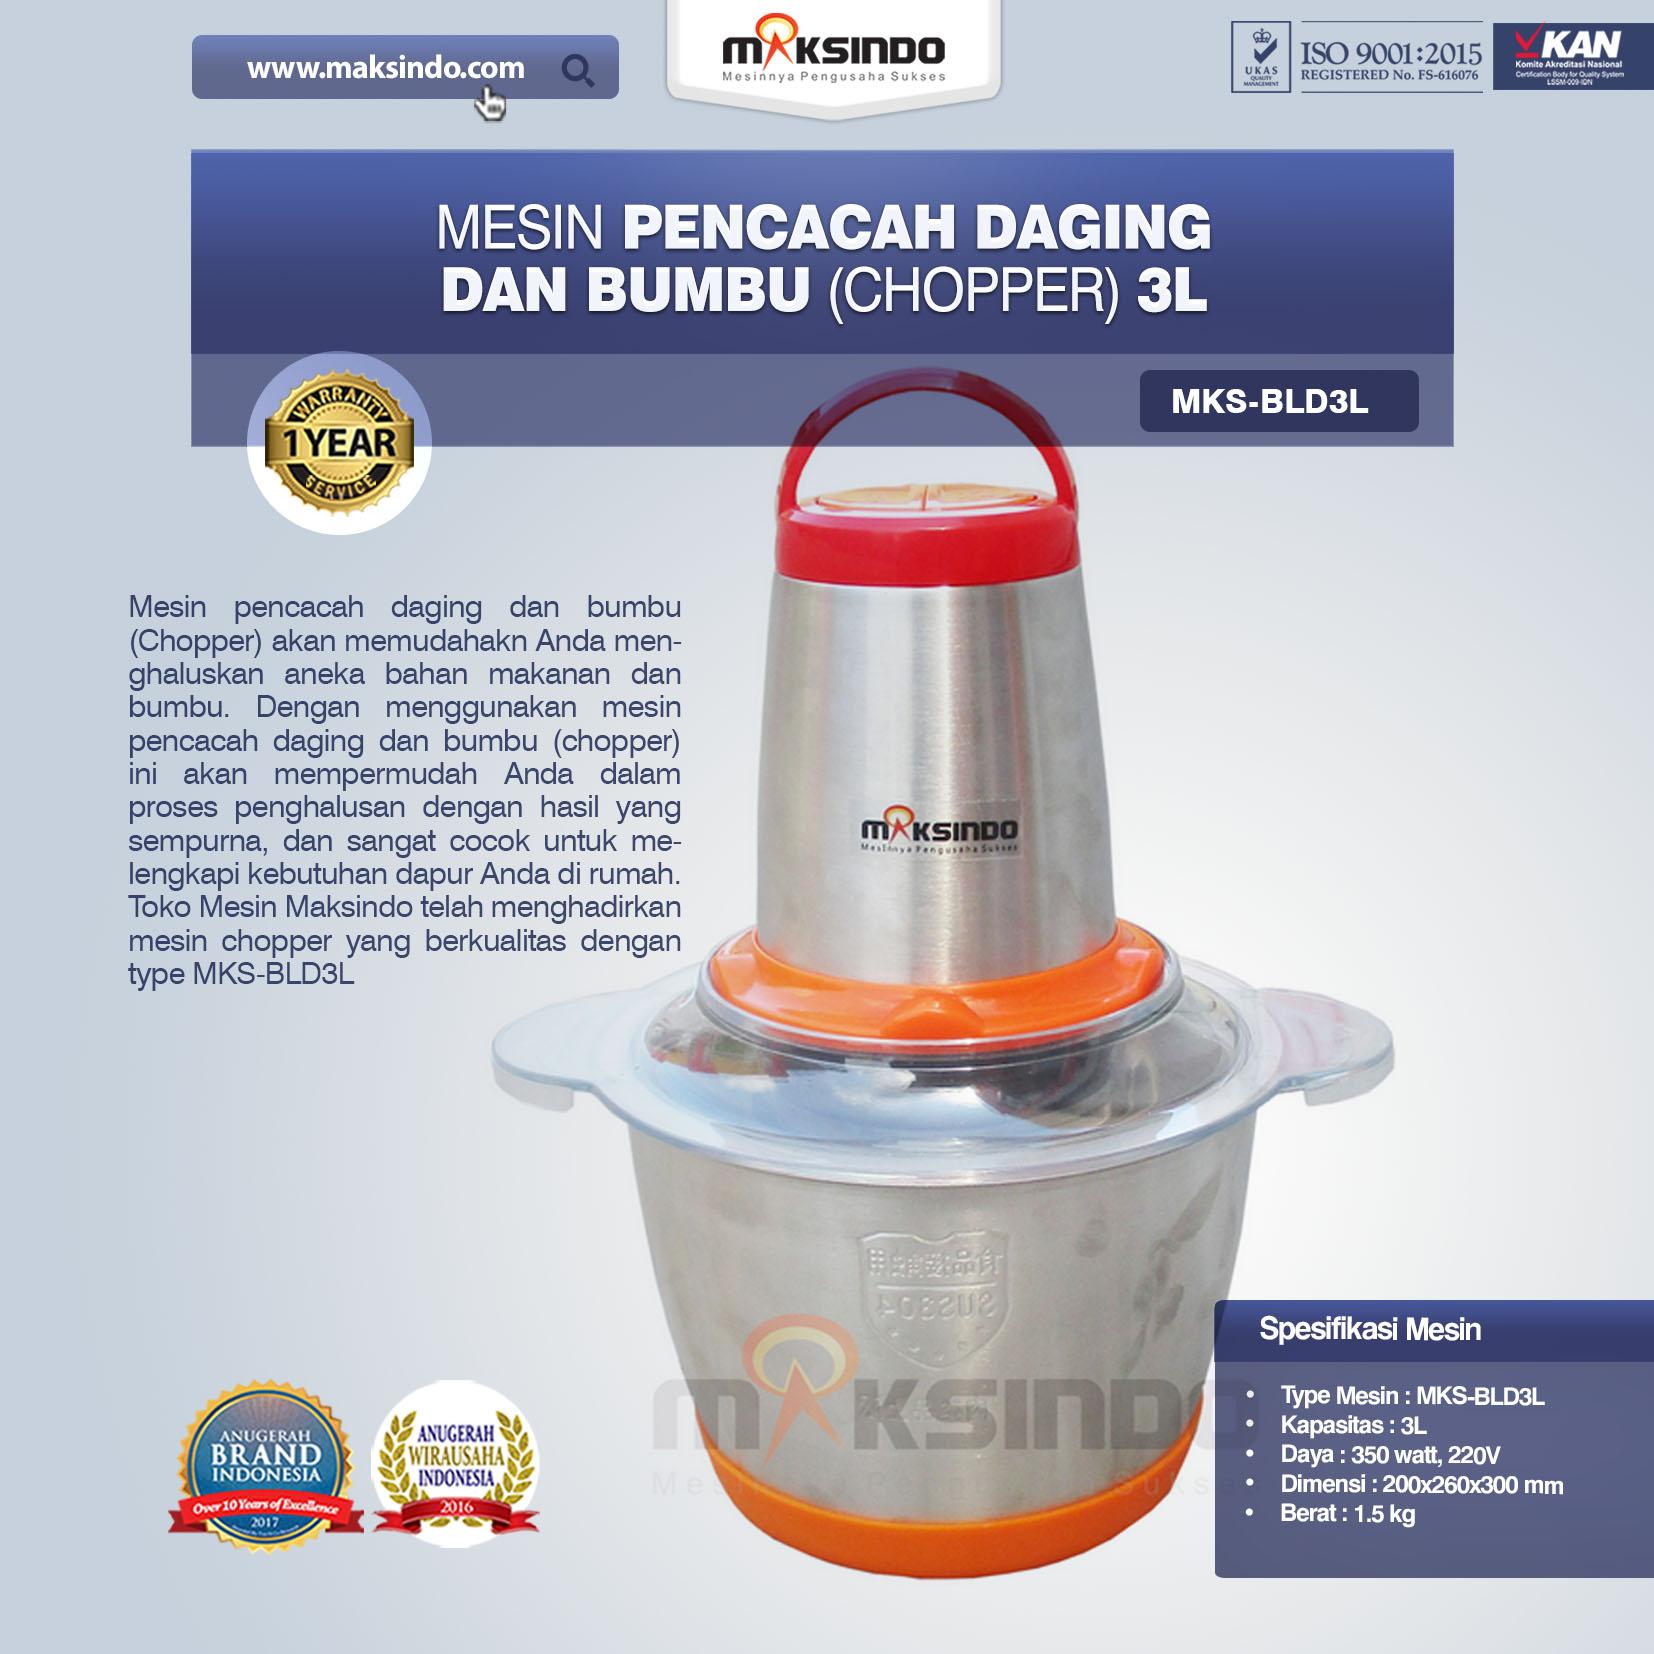 Jual Mesin Pencacah Daging dan Bumbu MKS-BLD3L di Tangerang